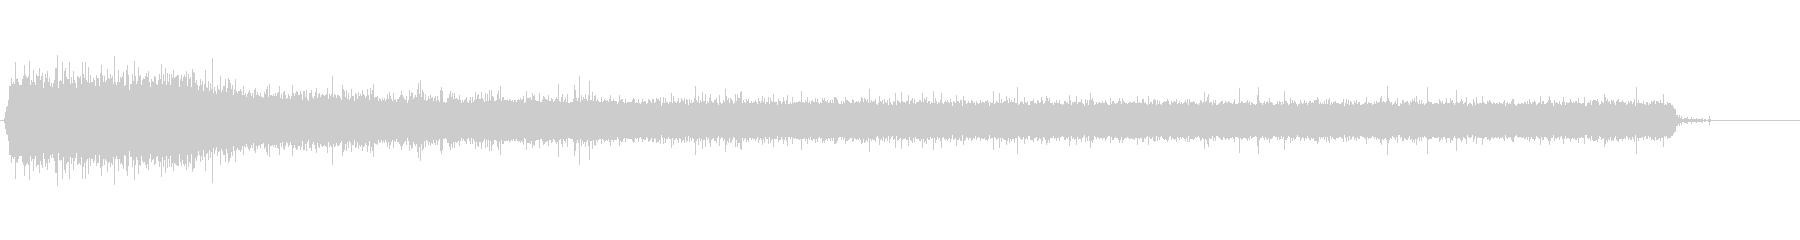 タップ、シンクフィルメタルシンクの未再生の波形